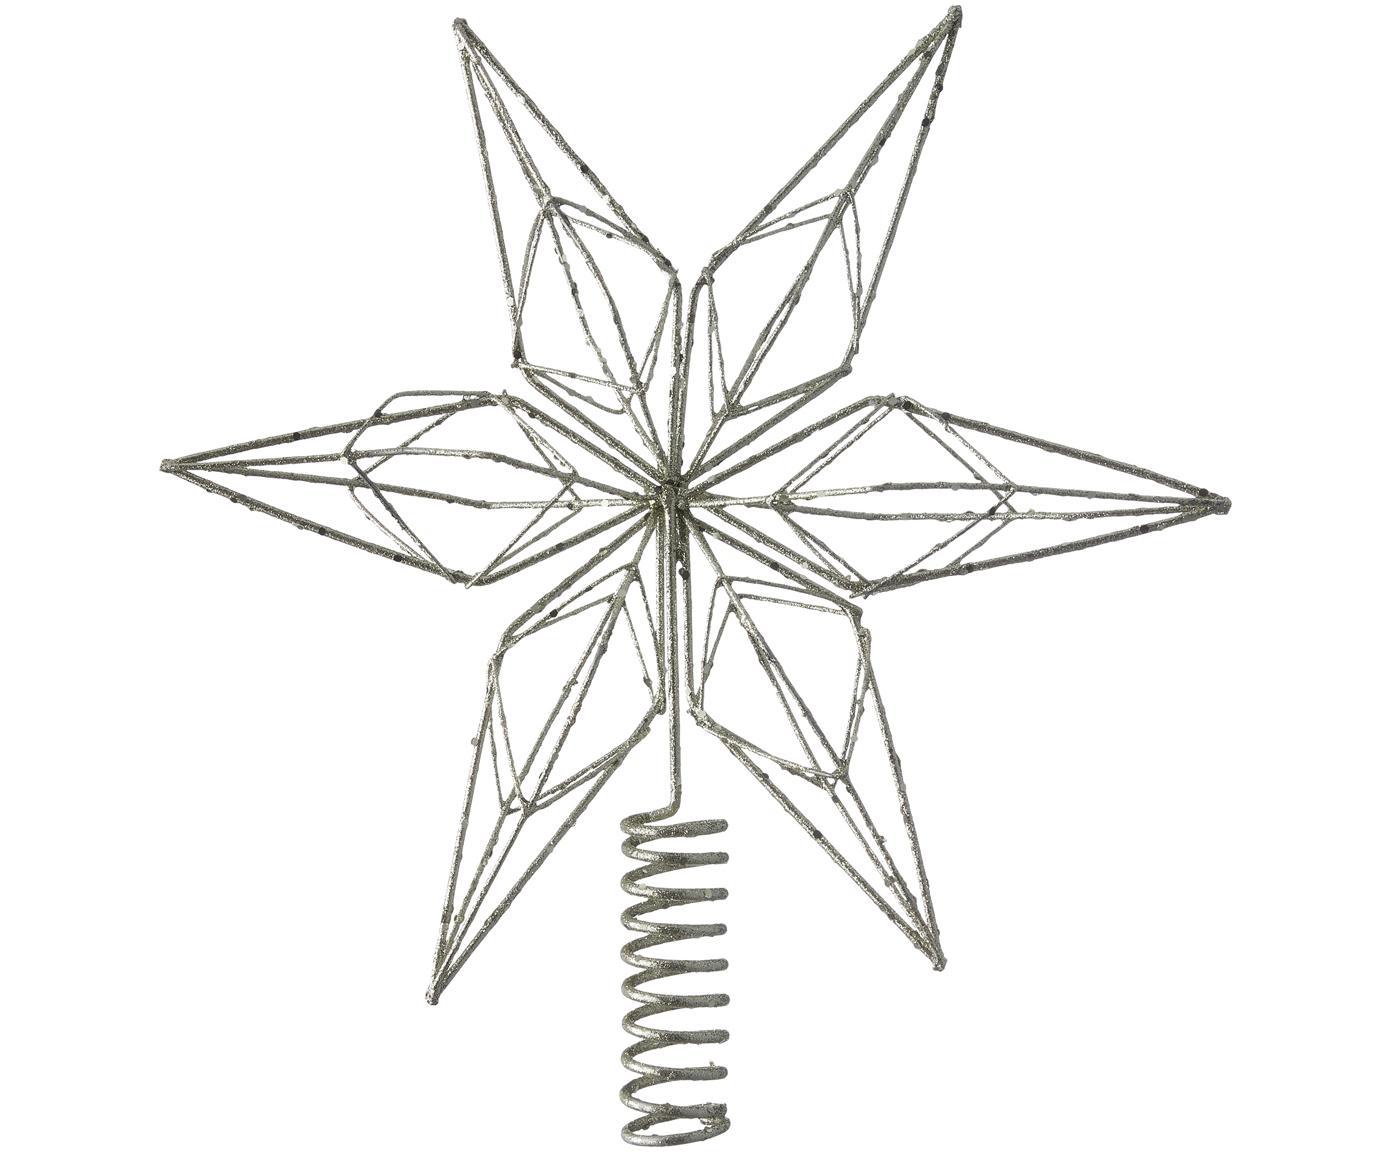 Weihnachtsbaumspitze Alivinne, Metall, lackiert, Metall, 27 x 28 cm